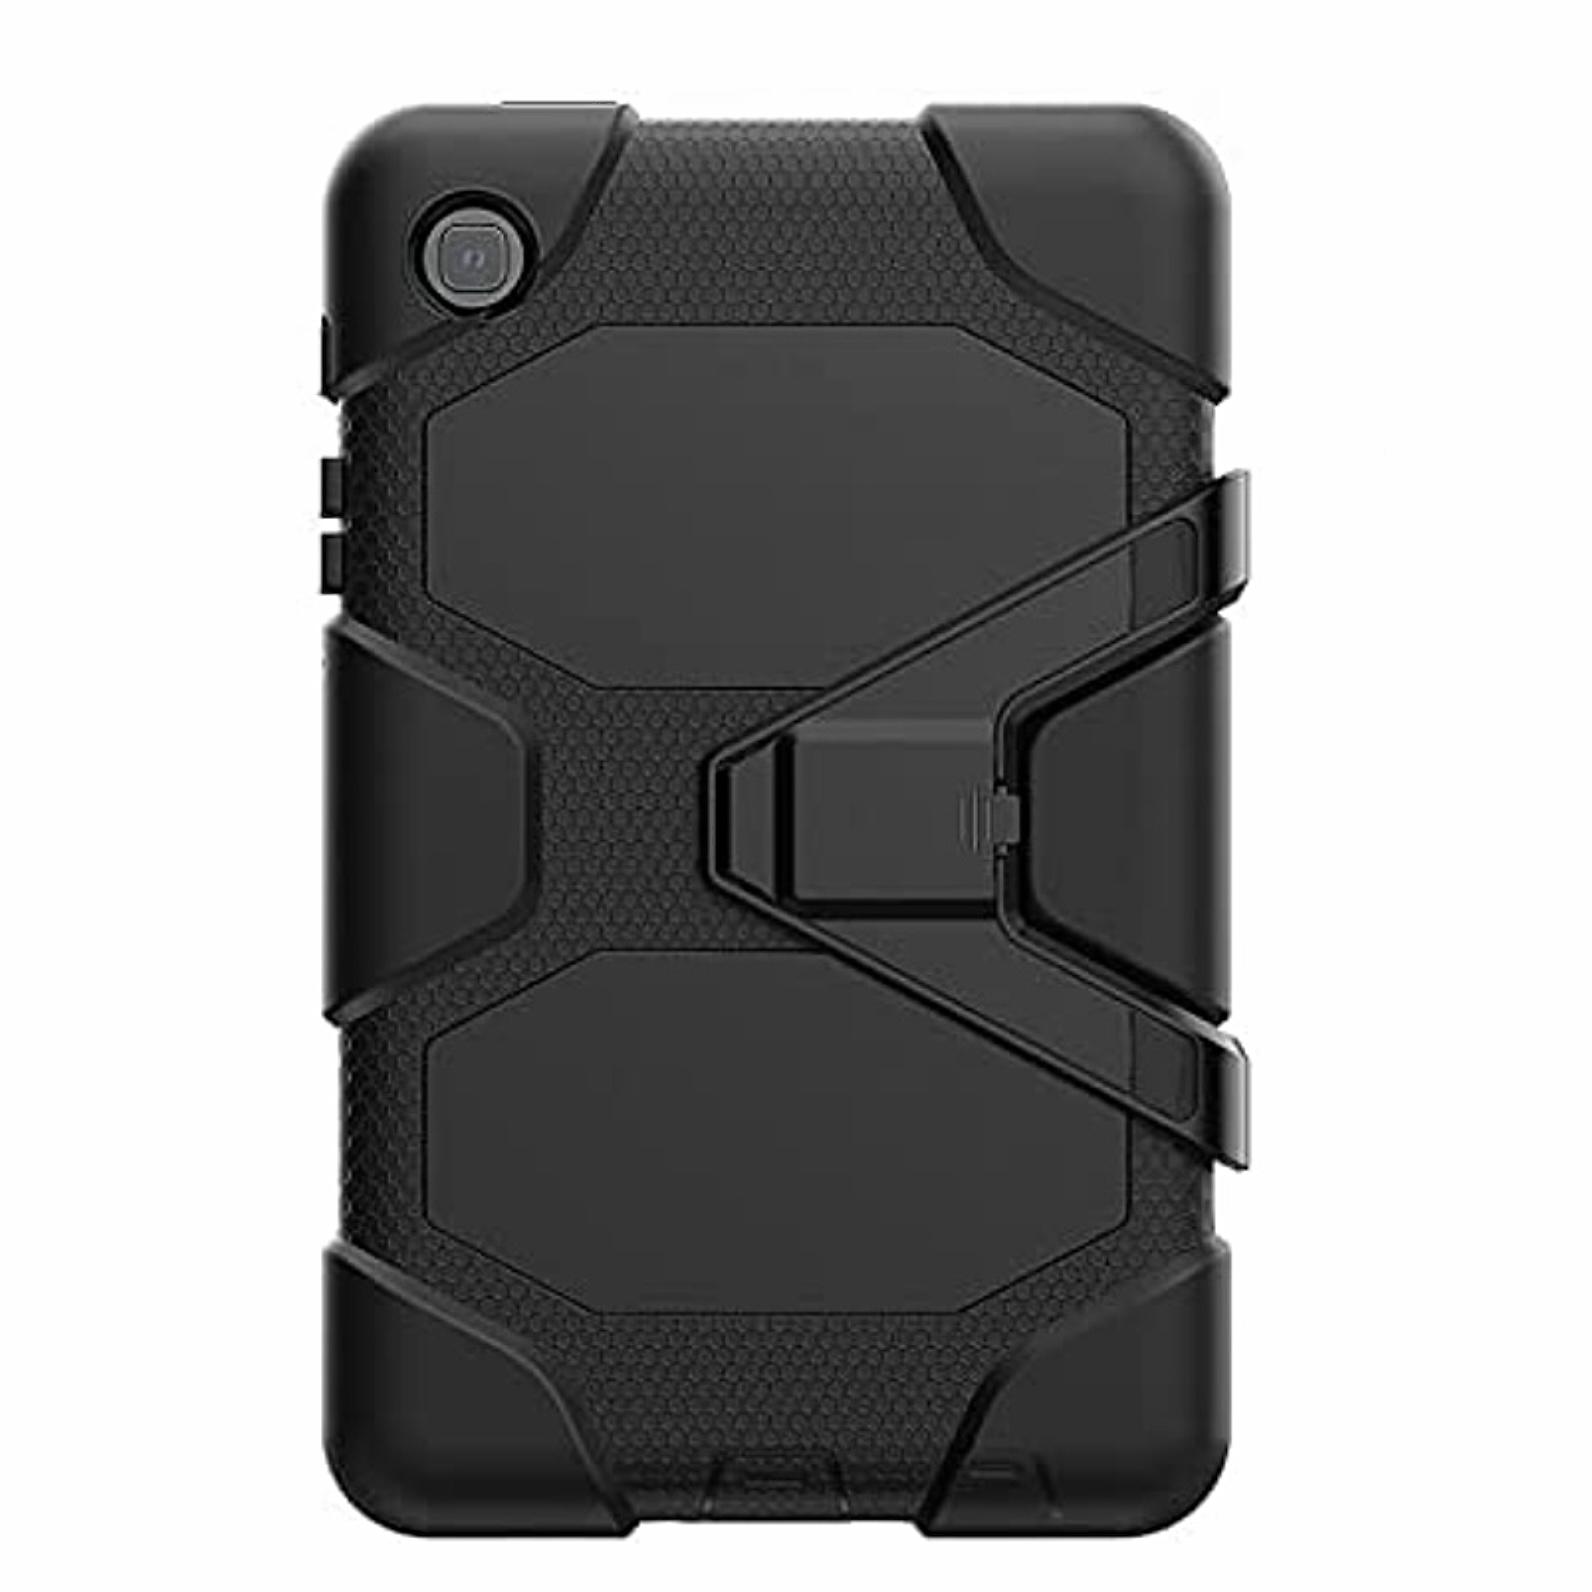 REF 2546 Coque de protection renforcee Vegas Galaxy TAB A7 LITE 8.7 pouces SM T220